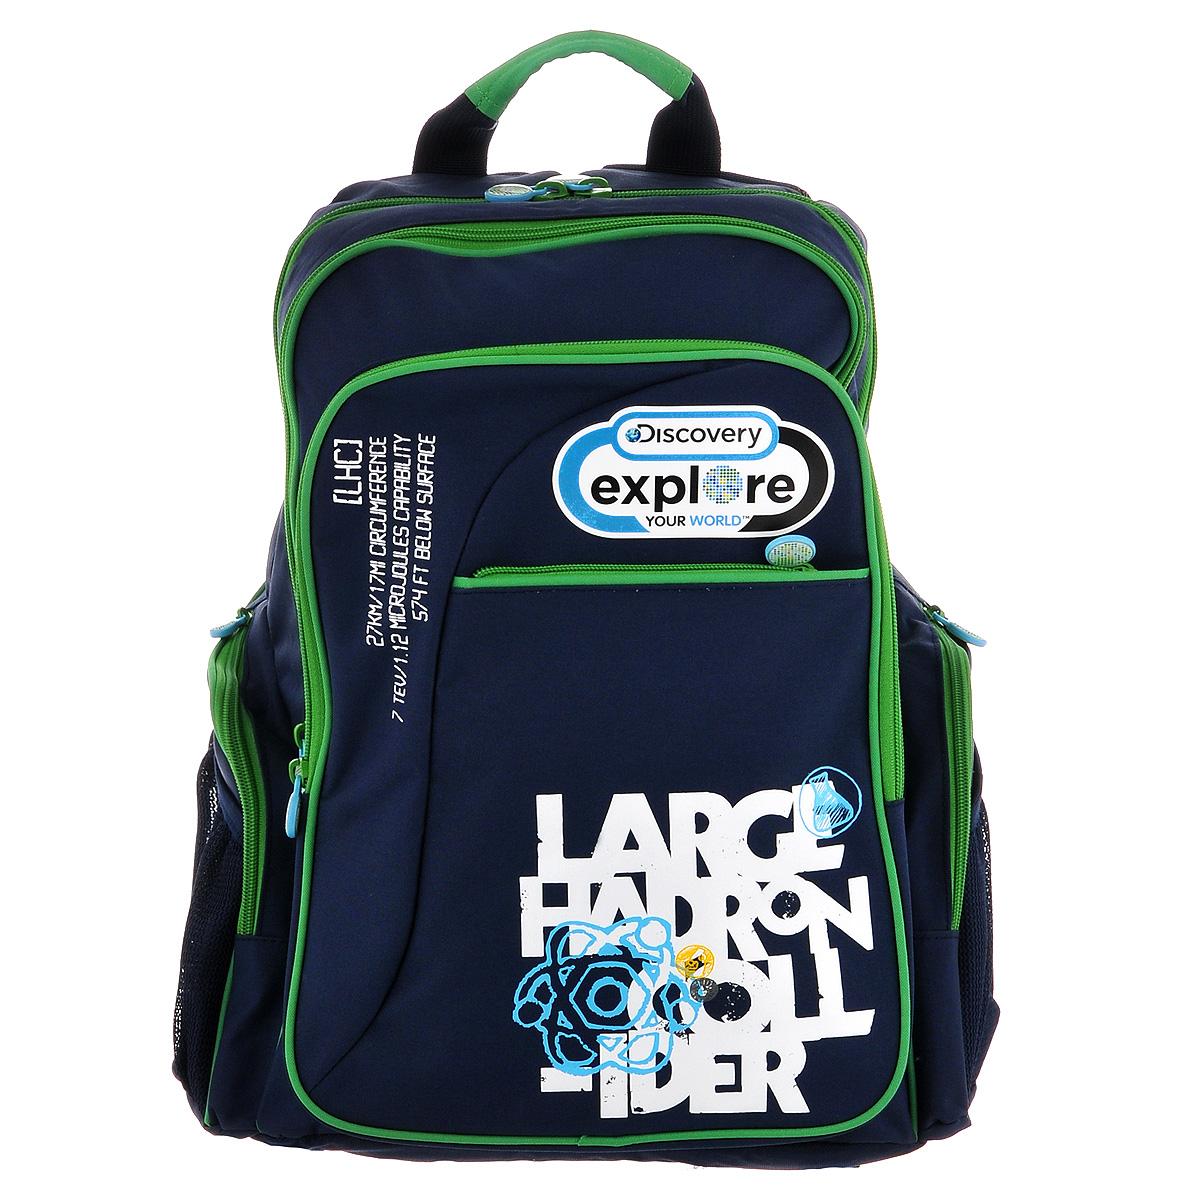 Рюкзак школьный Action! Discovery, цвет: синий, зеленый. DV-AB11055/1/14DV-AB11055/1/14Школьный рюкзак Action! Discovery станет надежным спутником в получении знаний. Рюкзак выполнен из прочного полиэстера синего цвета с зеленой отделкой. Рюкзак состоит из двух вместительных отделений, закрывающихся на молнии. Одно из отделений содержит кармашек для мелочей на застежке-молнии и открытый карман с уплотненной стенкой на хлястике с липучкой. Во втором отделении расположен большой открытый карман-сетка. На лицевой стороне имеются два кармана на молнии - врезной и накладной. В накладном расположены два открытых кармашка и три фиксатора для пишущих принадлежностей. По бокам рюкзака находятся два внешних накладных кармана, закрывающихся на молнии и по два открытых сетчатых кармашка. Рюкзак оснащен широкими мягкими лямками, регулируемыми по длине, которые равномерно распределяют нагрузку на плечевой пояс, и двумя удобными текстильными ручками для переноски в руке. Рюкзак снабжен светоотражающими вставками.